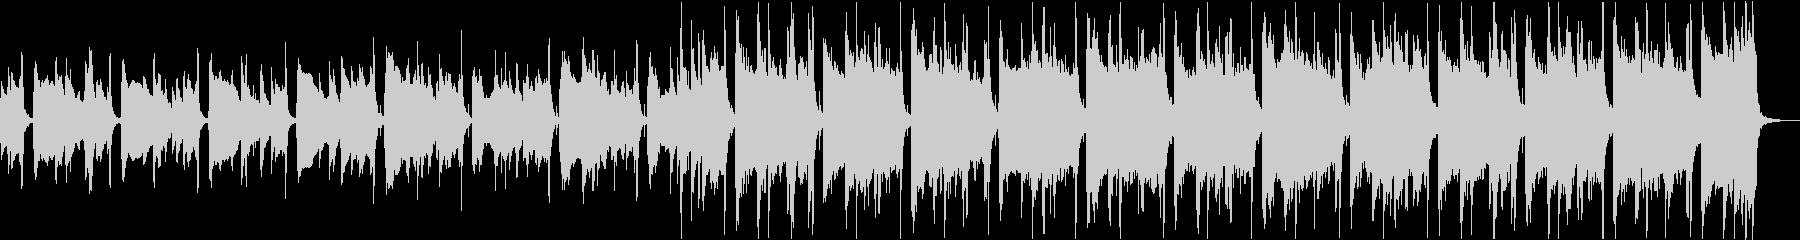 アコギヒップホップ感動洋楽コーポレートcの未再生の波形